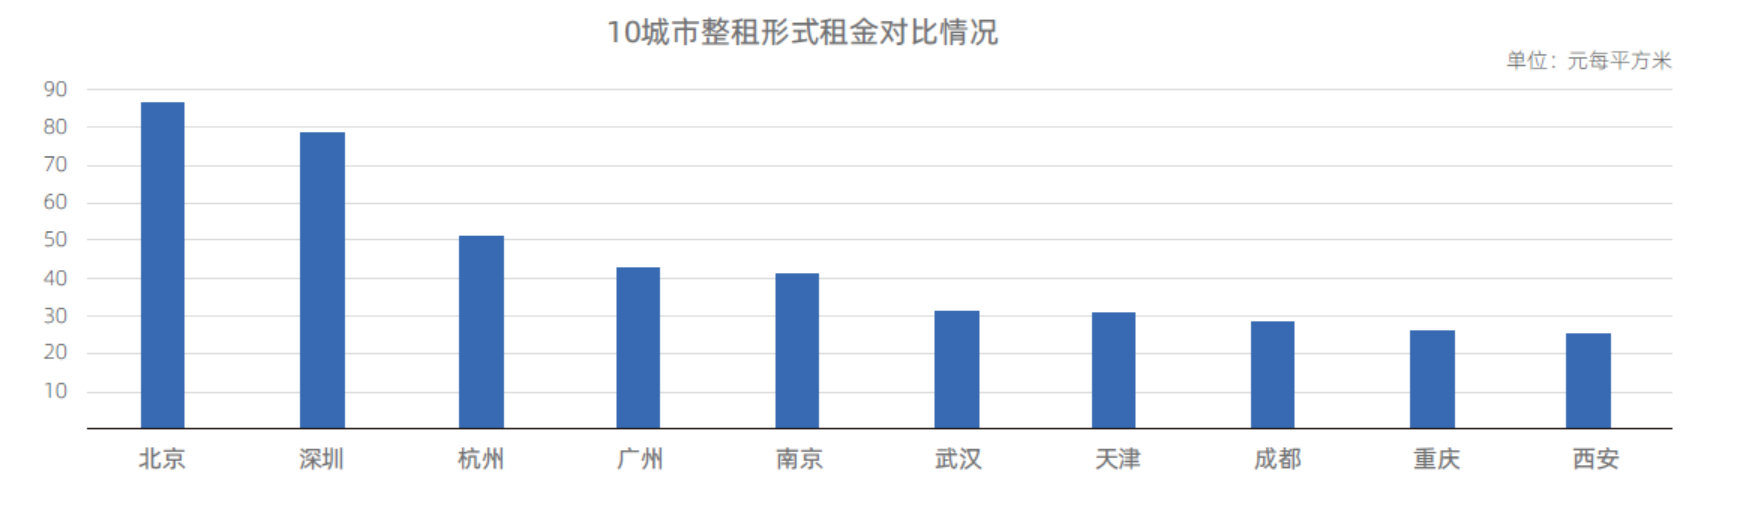 人才引进政策吸引下 毕业季新一线城市租房交易量增速高于一线城市-中国网地产